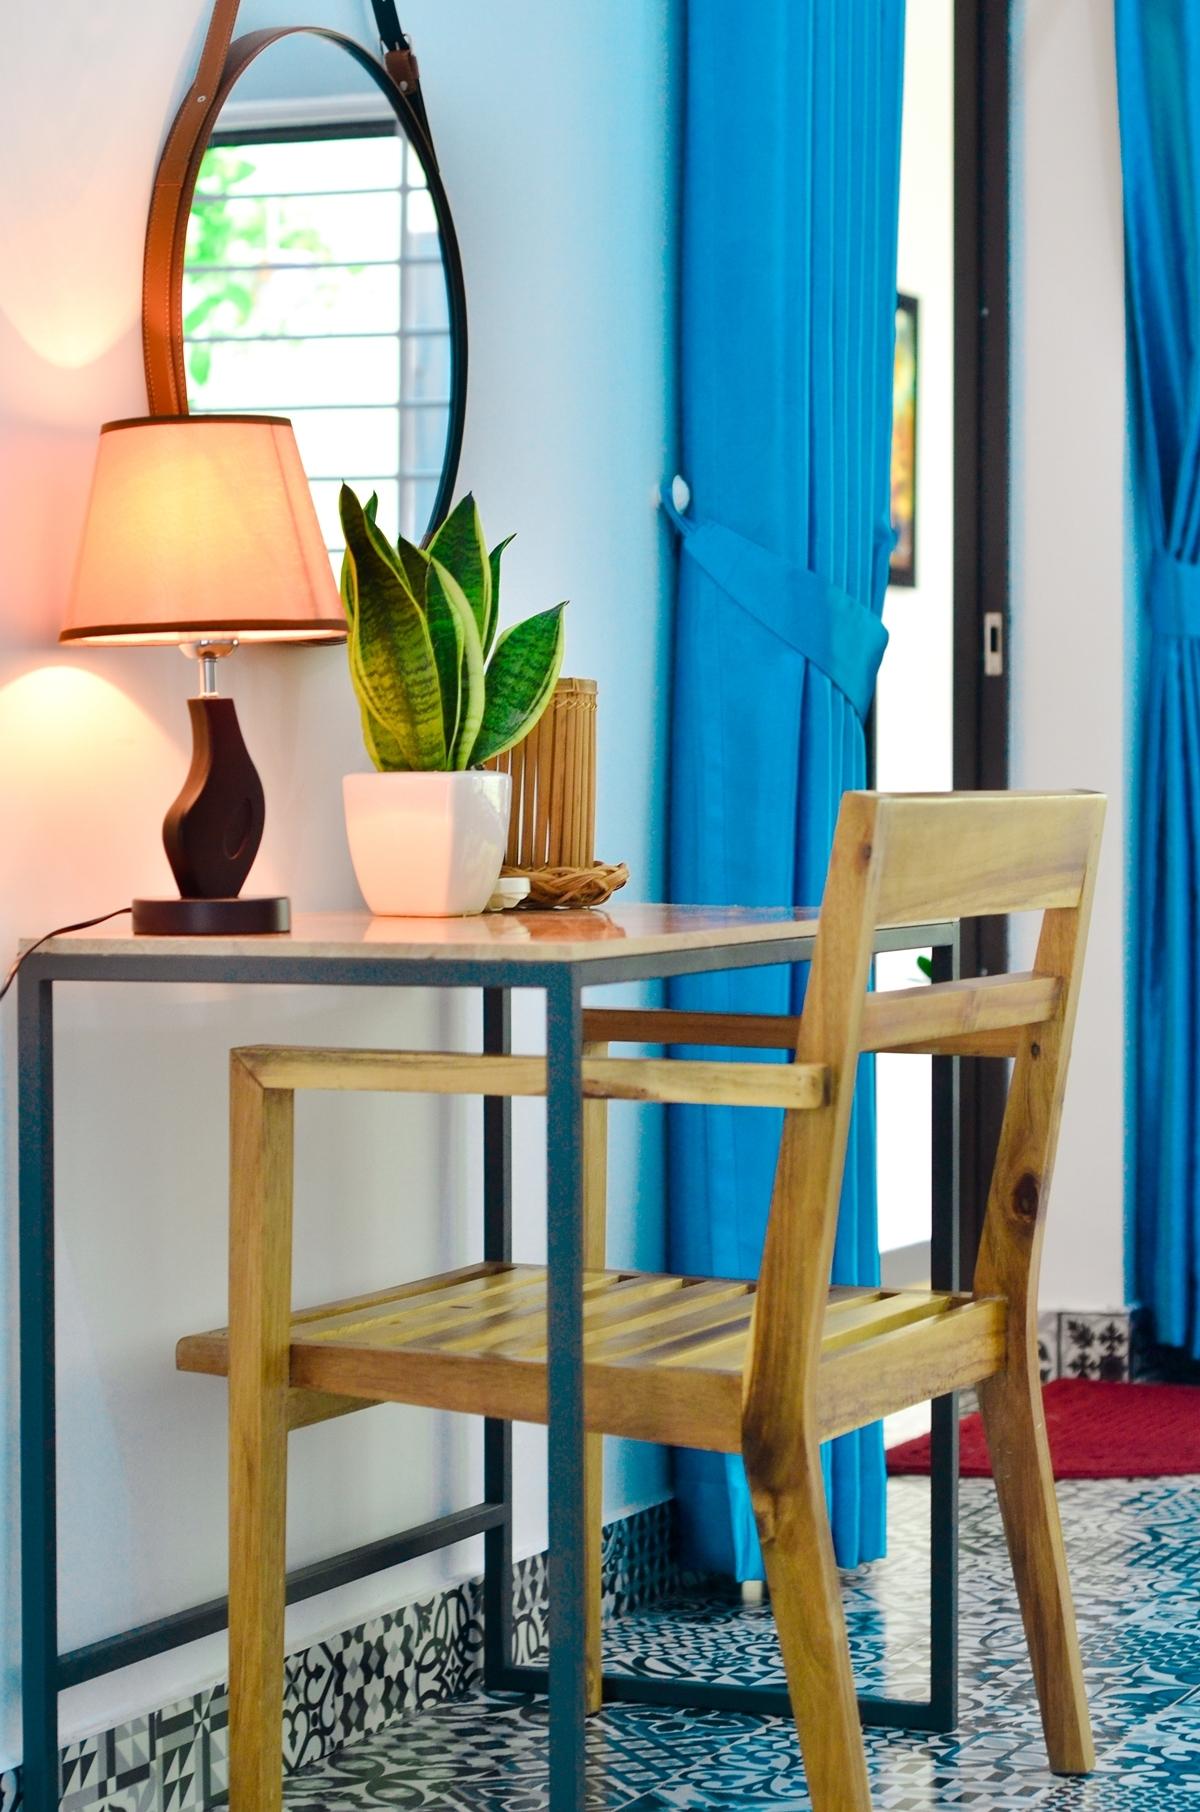 Tổng thể nội thất chủ yếu là mây tre và đồ thủ công. Tủ treo quần áo, bàn ghế và gương soi... đều đồng điệu với nhau.